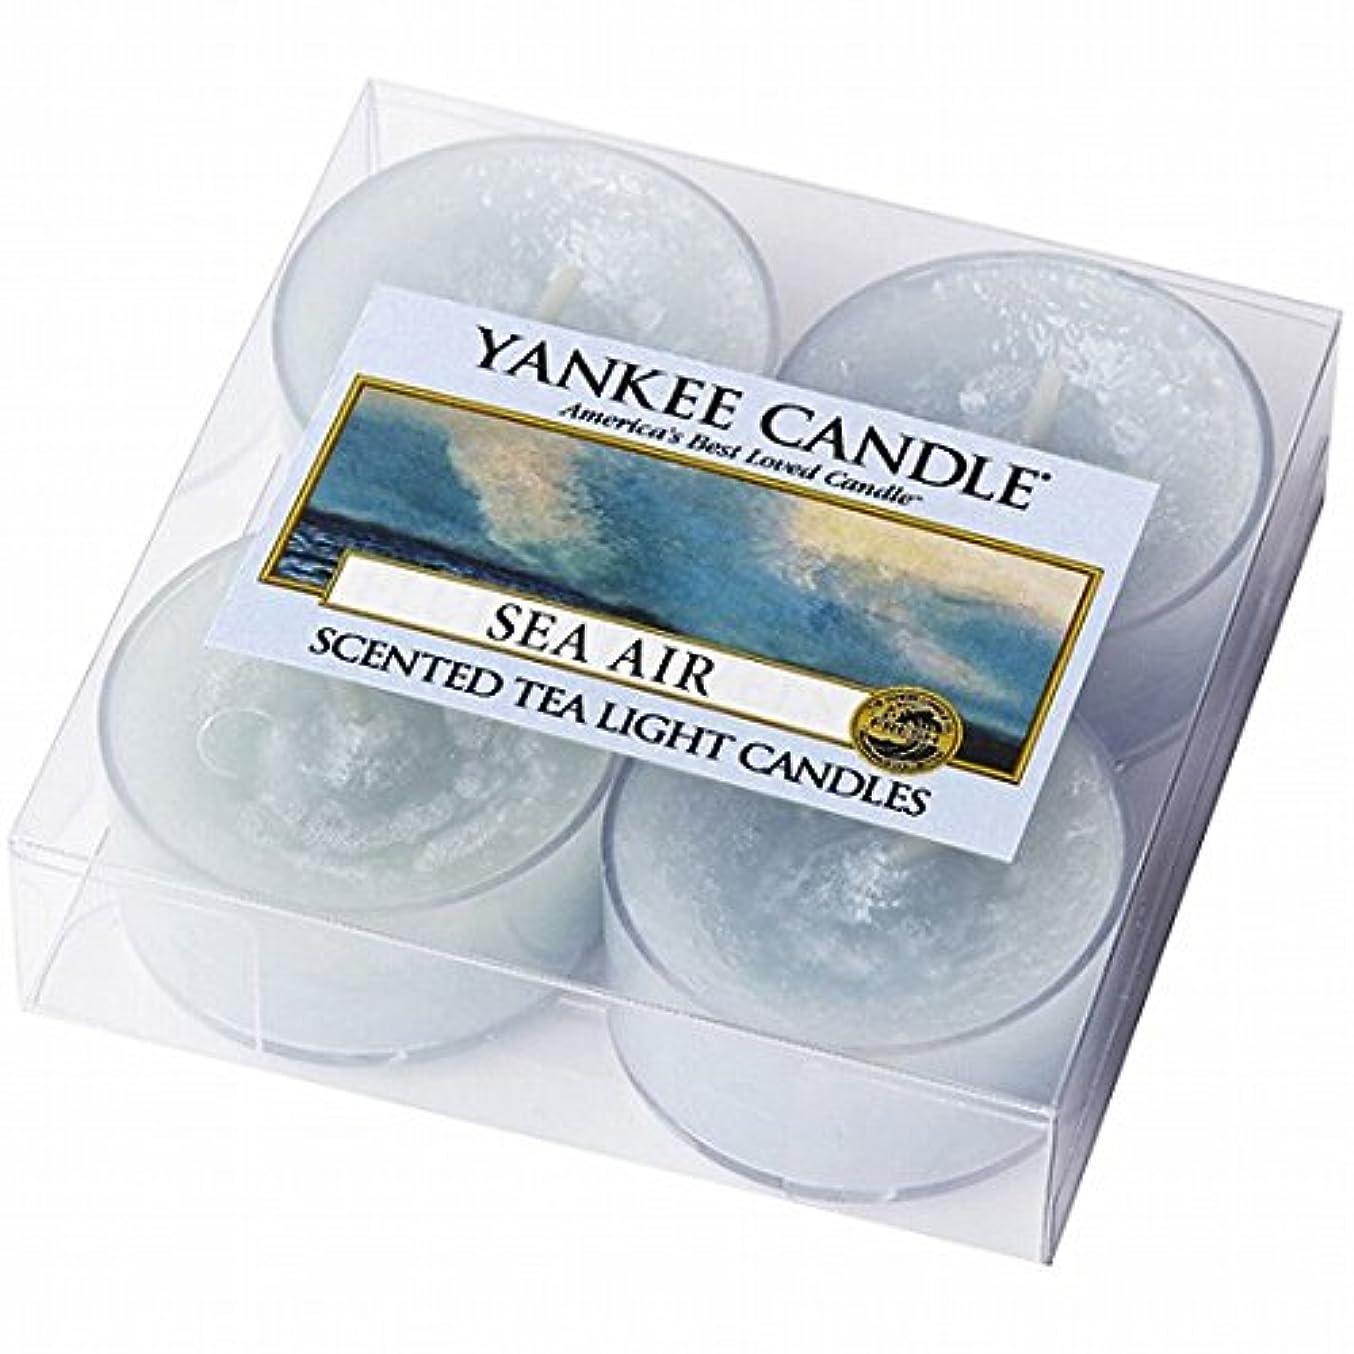 襟共和国動くヤンキーキャンドル(YANKEE CANDLE) YANKEE CANDLE クリアカップティーライト4個入り 「シーエアー」